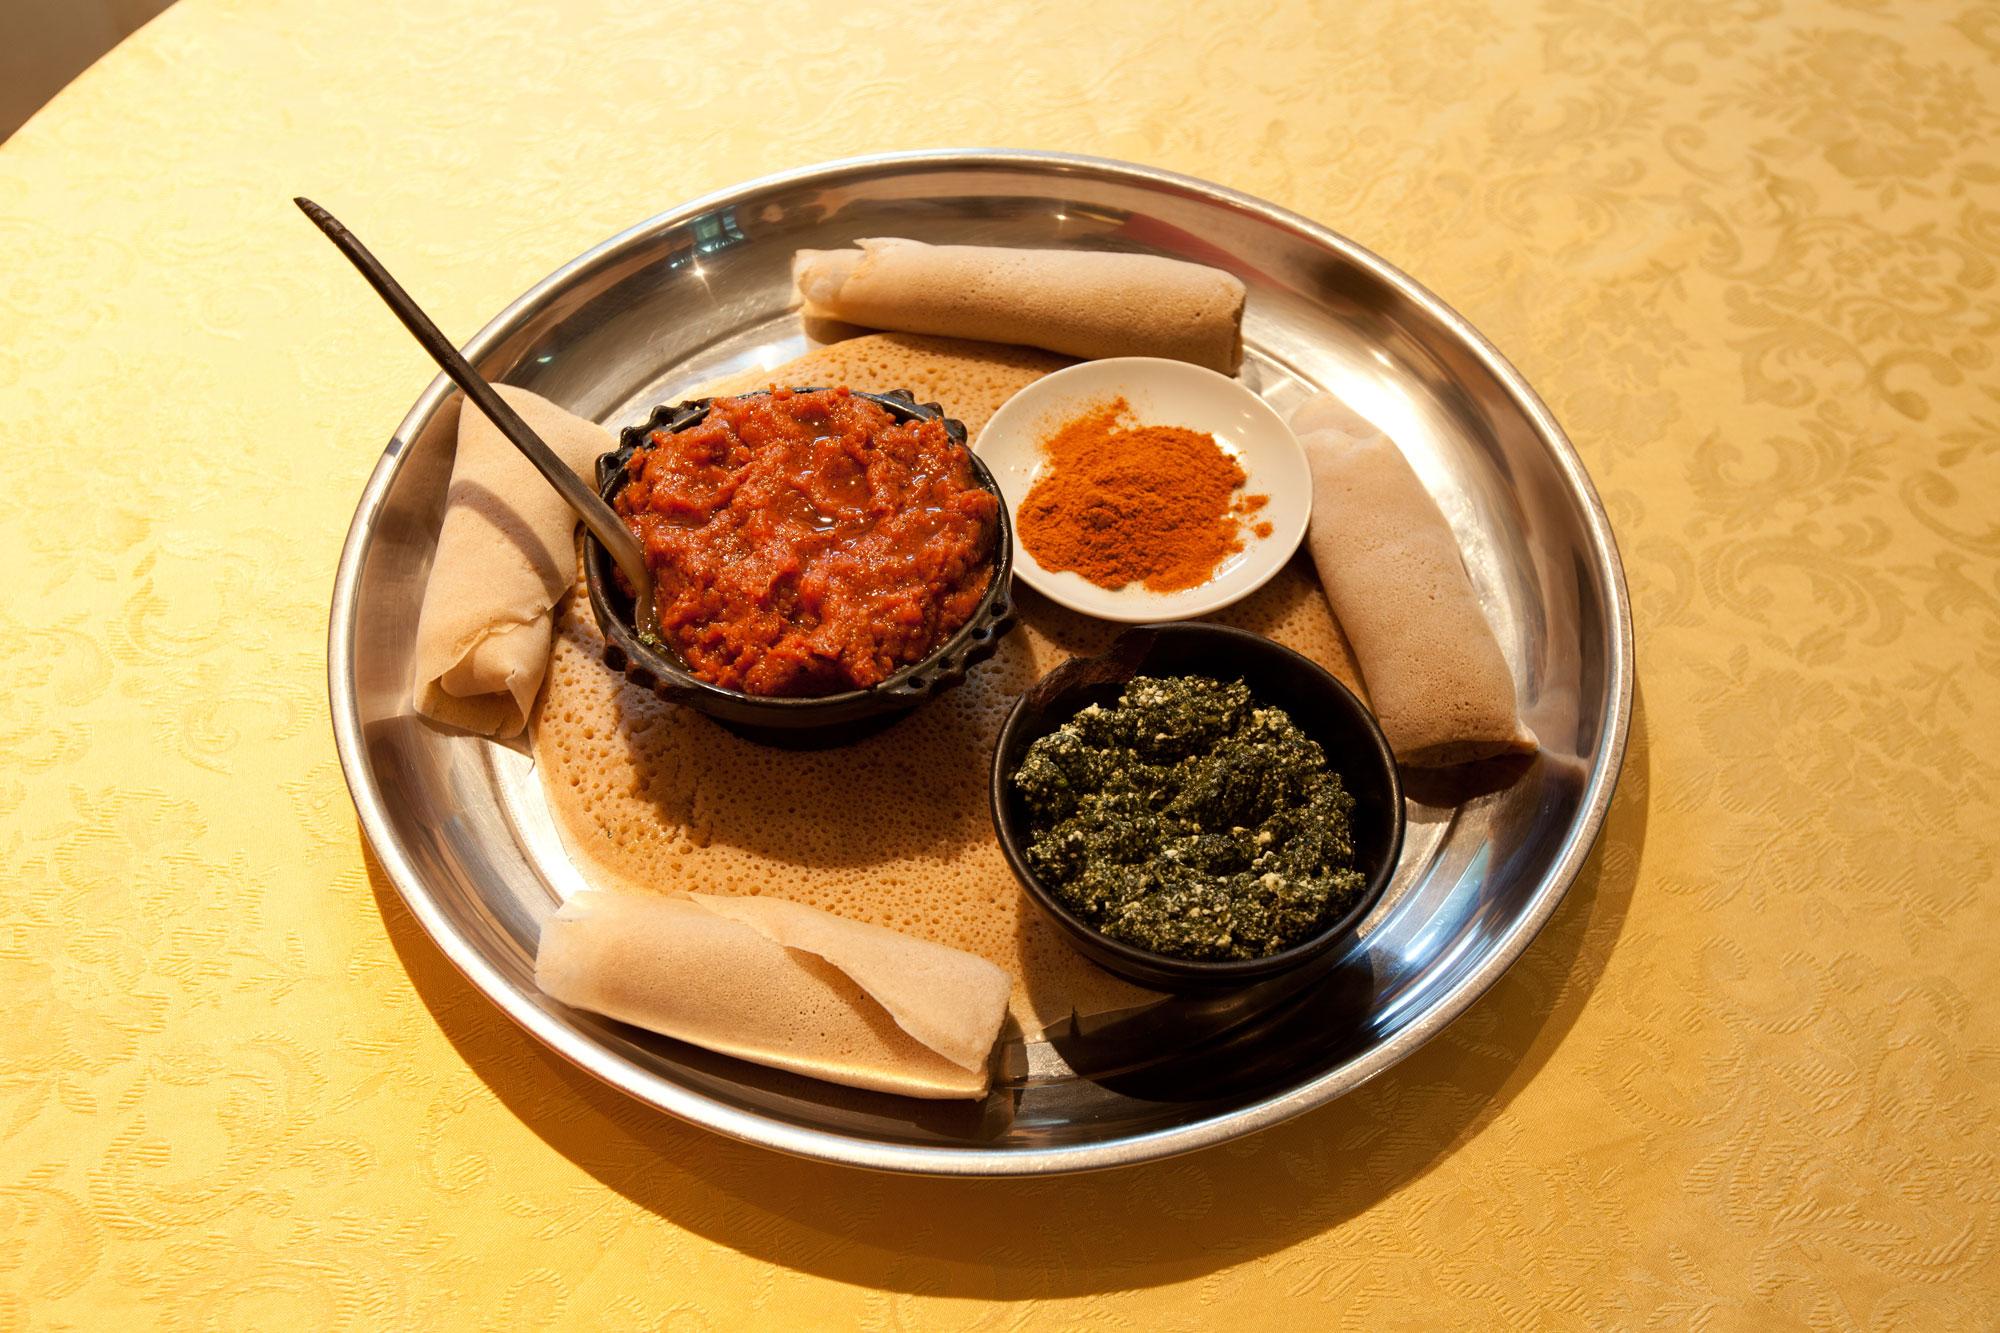 Kitfo ist ein Hackfleischgericht, welches roh, leicht angebraten oder gut durchgebraten gegessen werden kann. Es ist mit der rassigen Gewürzmischung Mitmita und Niter Kibe - einer Art Gewürzbutter - mariniert